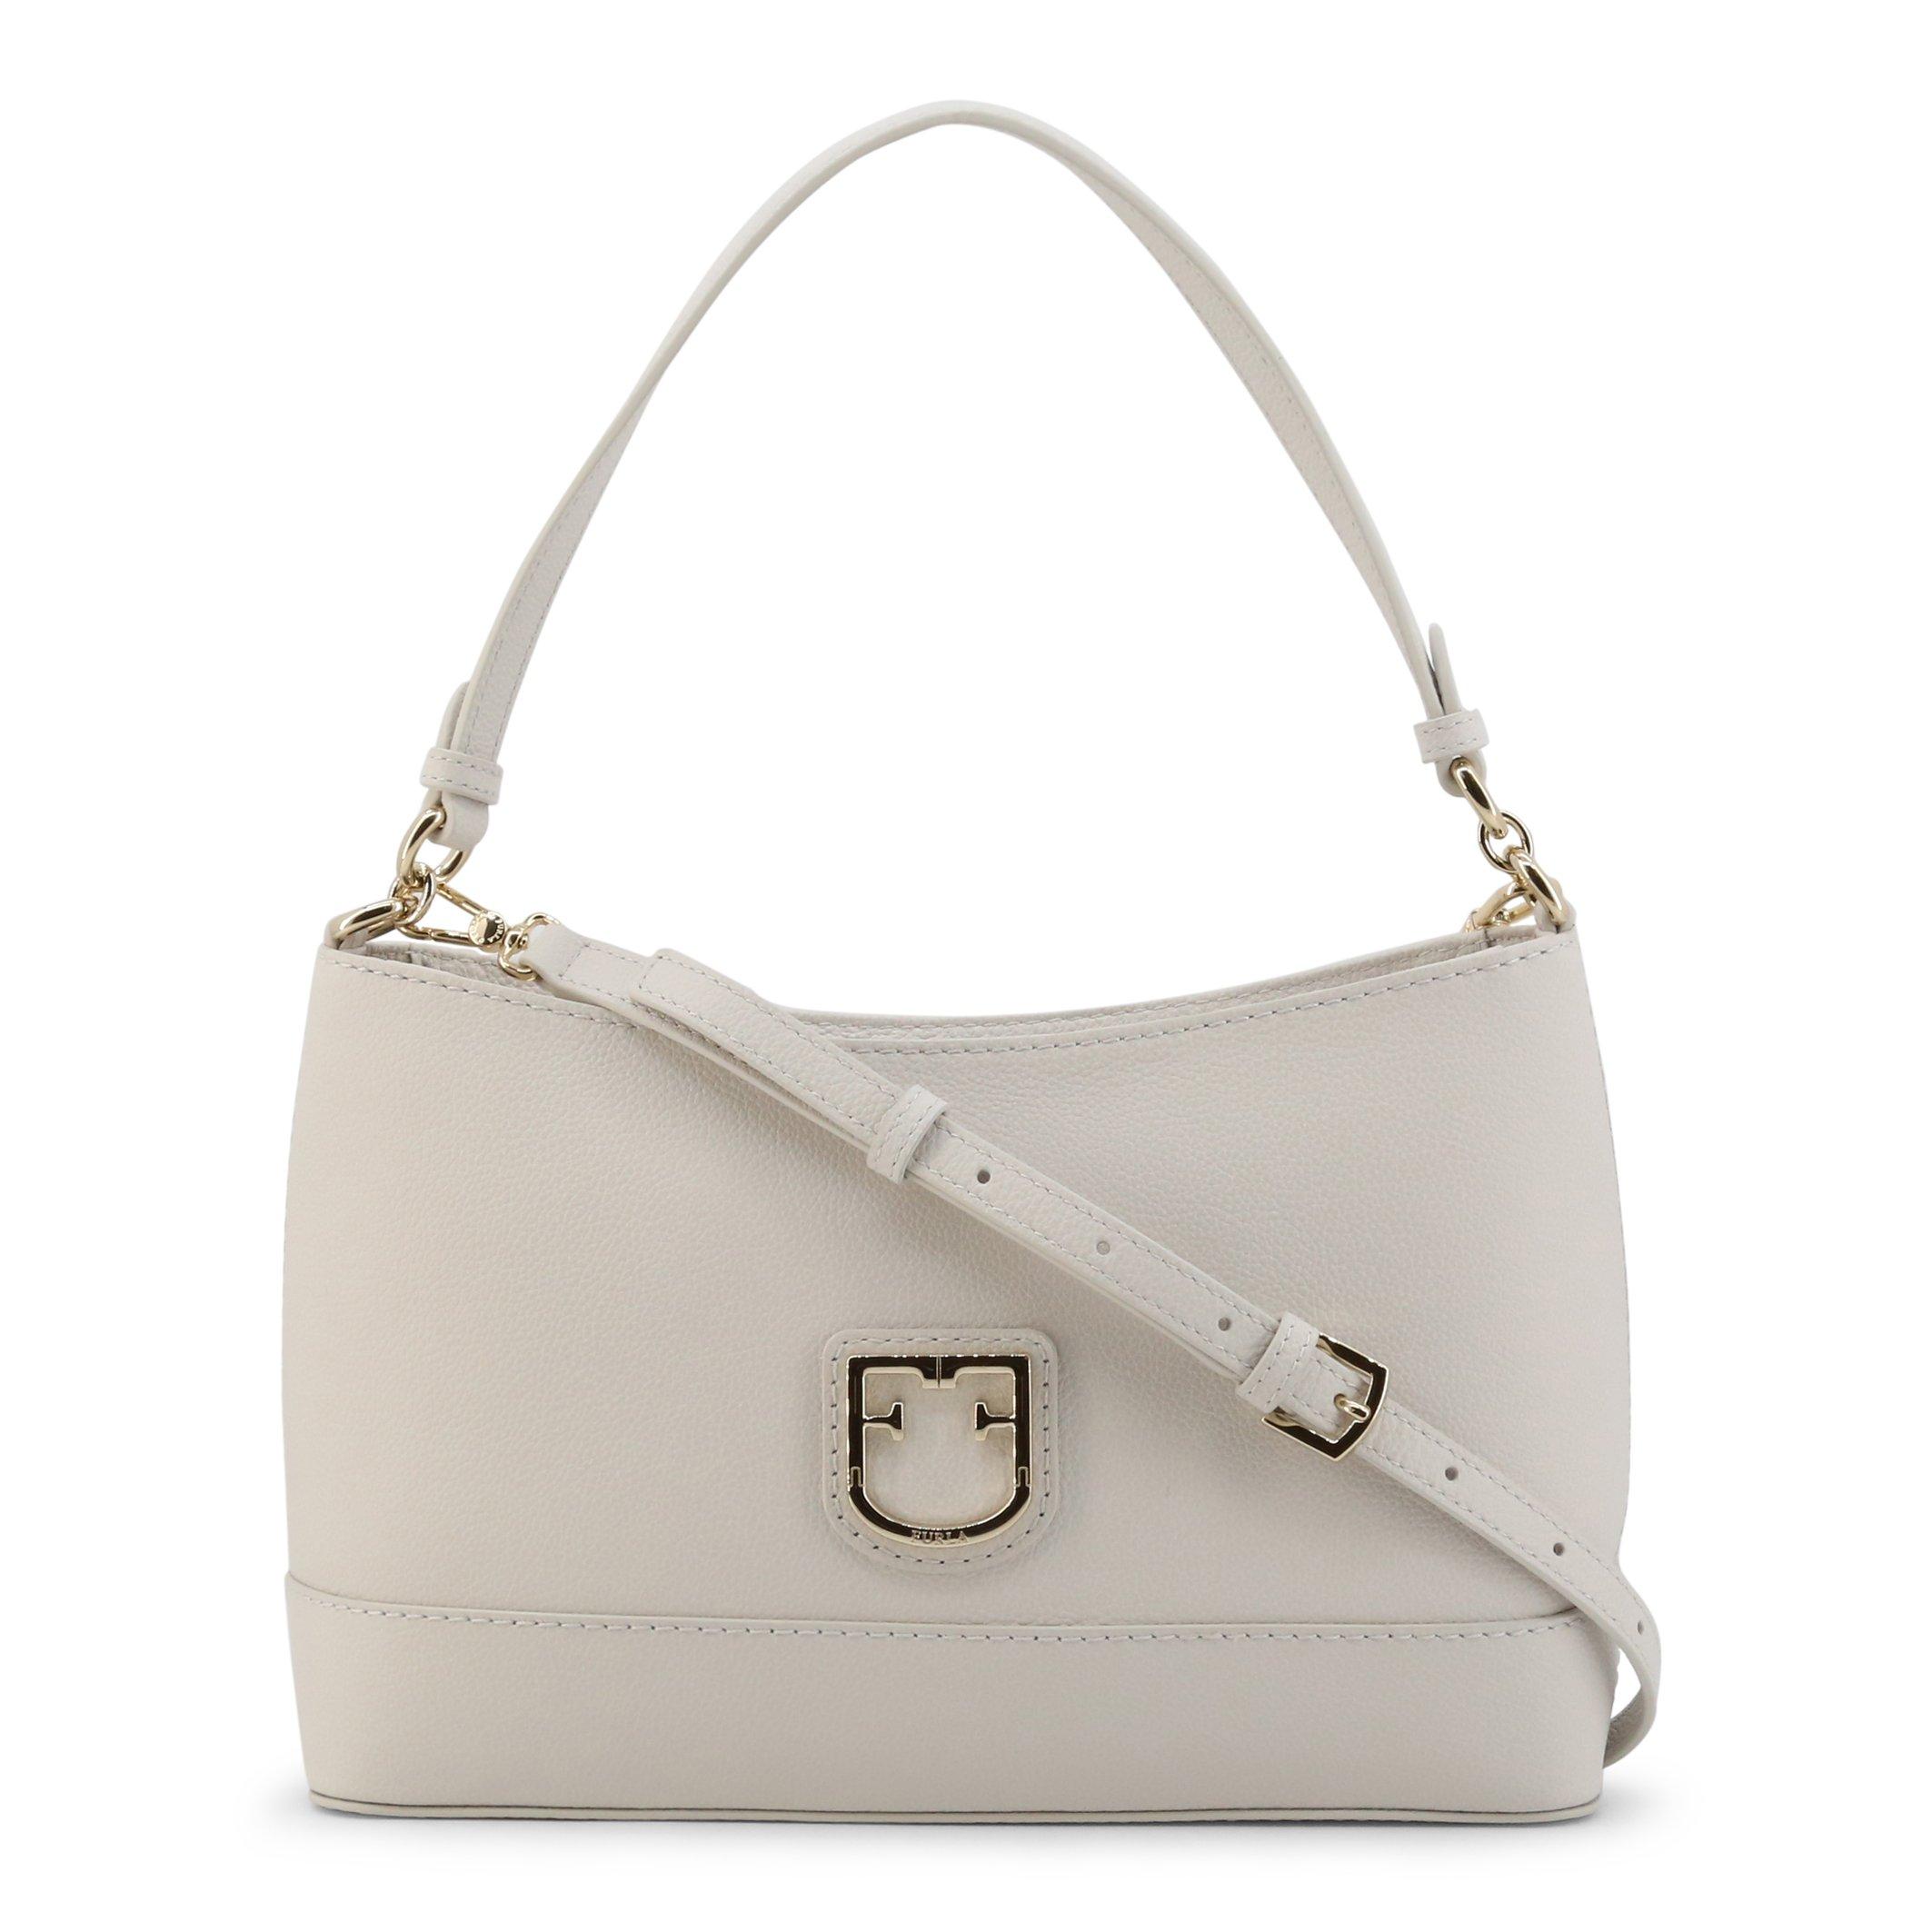 Furla Women's Handbag Various Colours HARPER_WB00063 - white NOSIZE